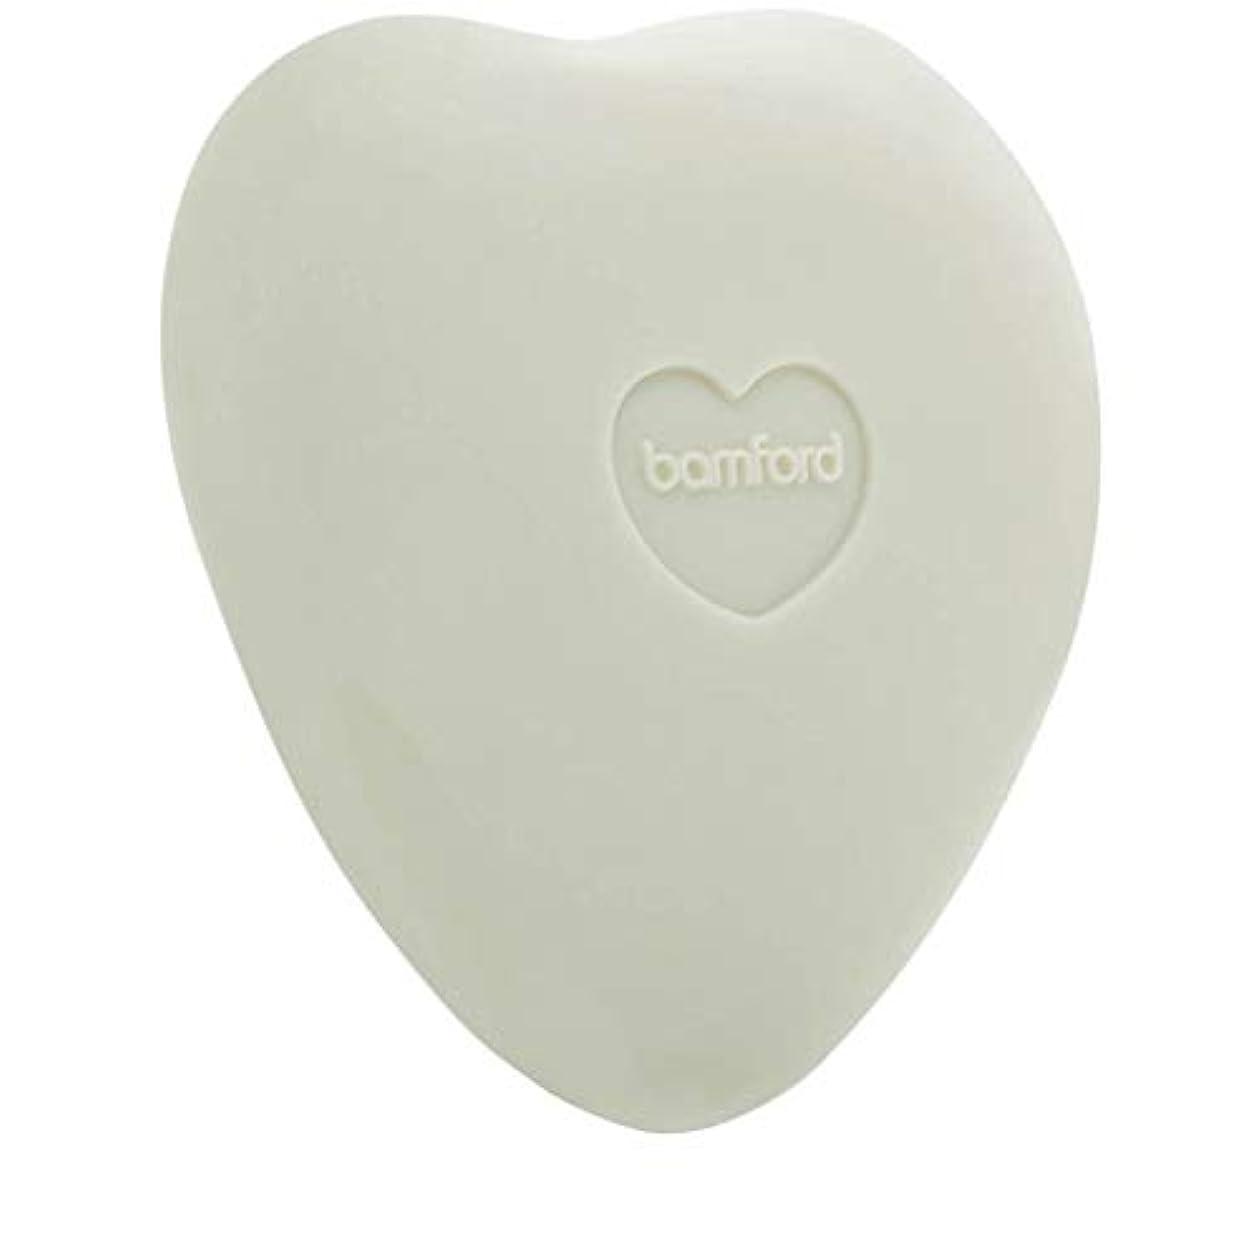 スタジアム教科書キャプション[Bamford ] バンフォードゼラニウム小石石鹸 - Bamford Geranium Pebble Soap [並行輸入品]